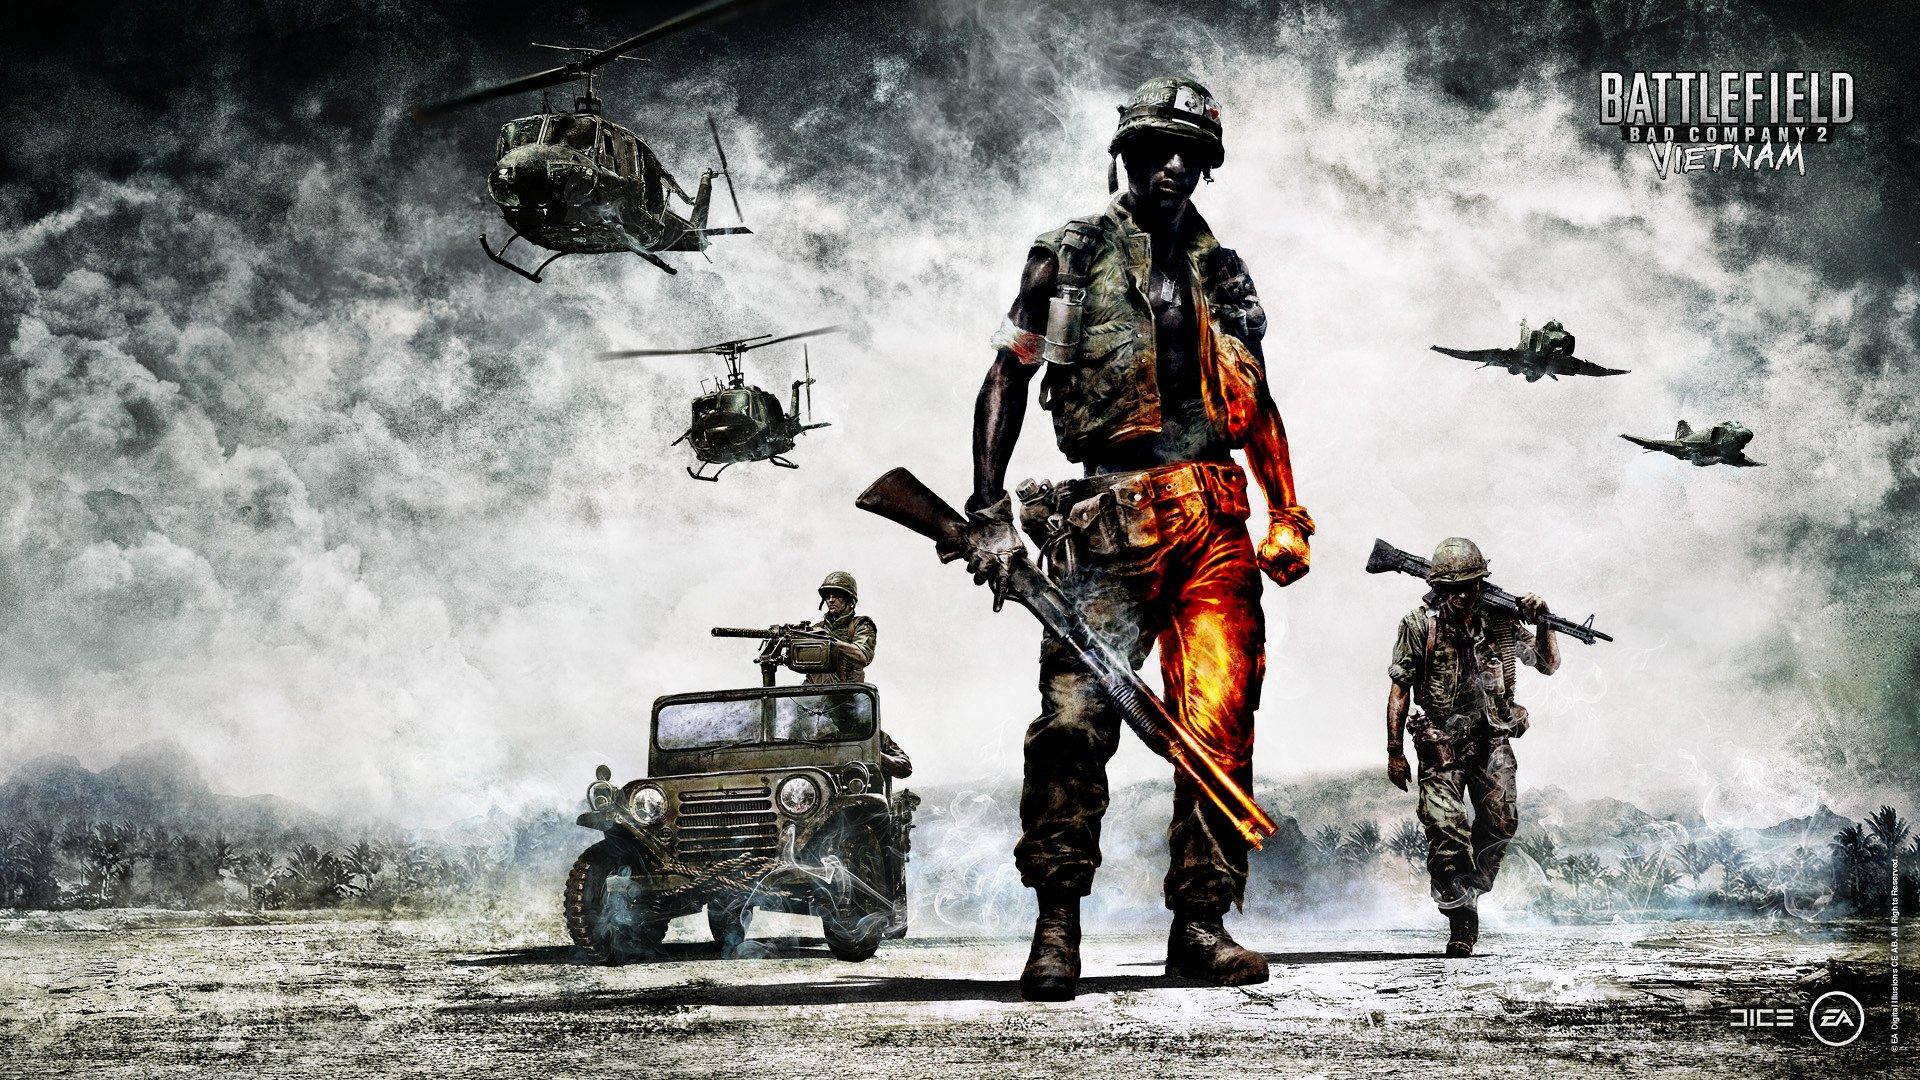 Hd wallpaper ios - Wallpapers Fond D Ecran Pour Battlefield Bad Company 2